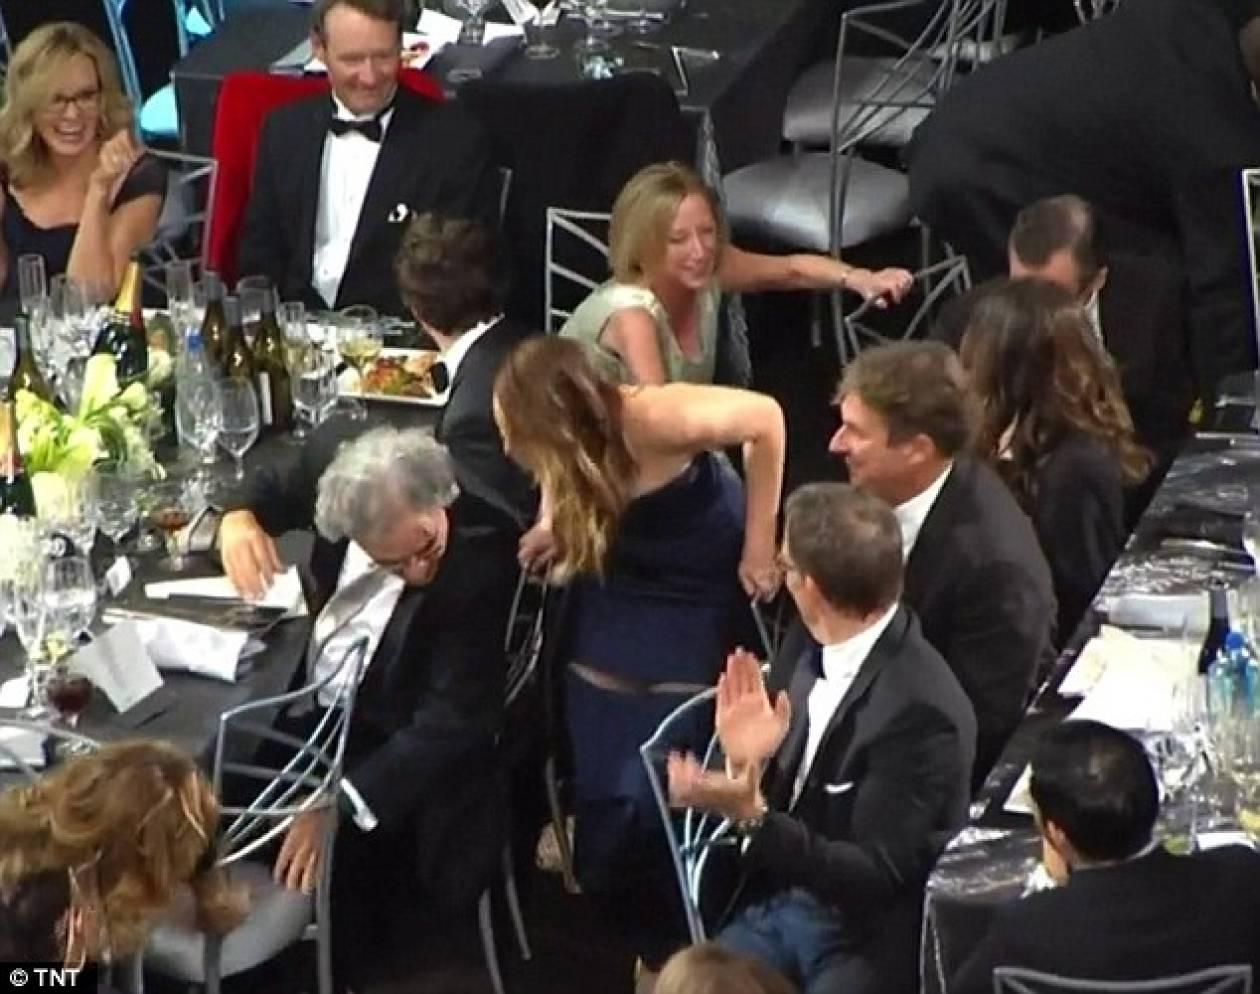 Βίντεο: Ηθοποιός έμεινε με το... μισό φόρεμα παραλαμβάνοντας βραβείο